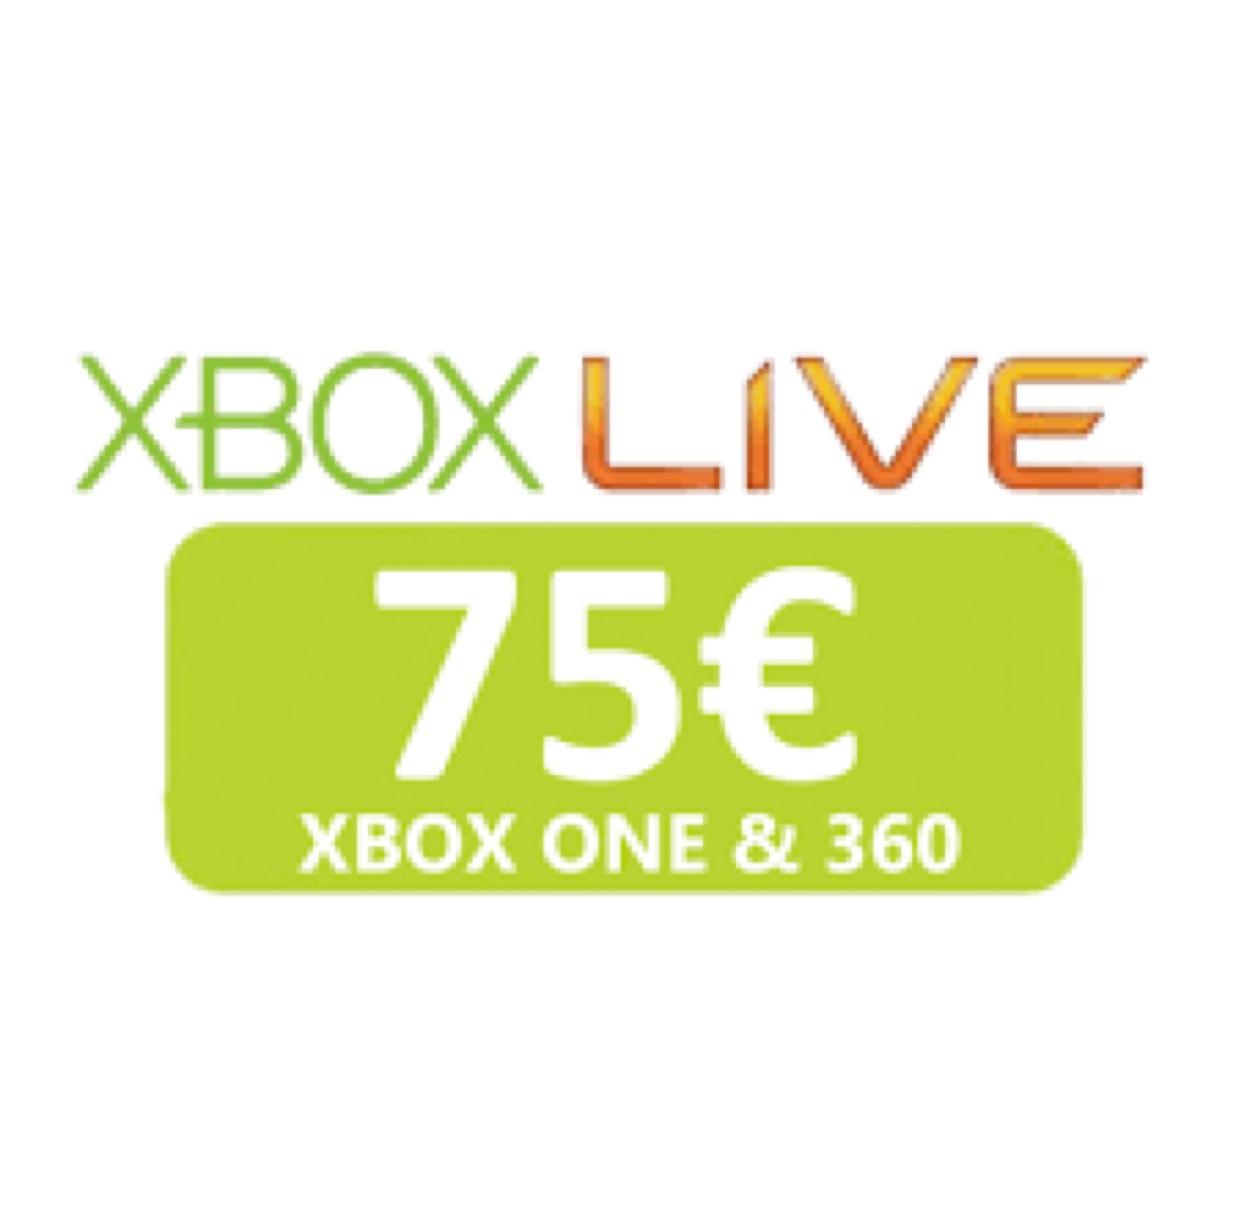 XBOX LIVE 75€ für 51,90€ - Europa